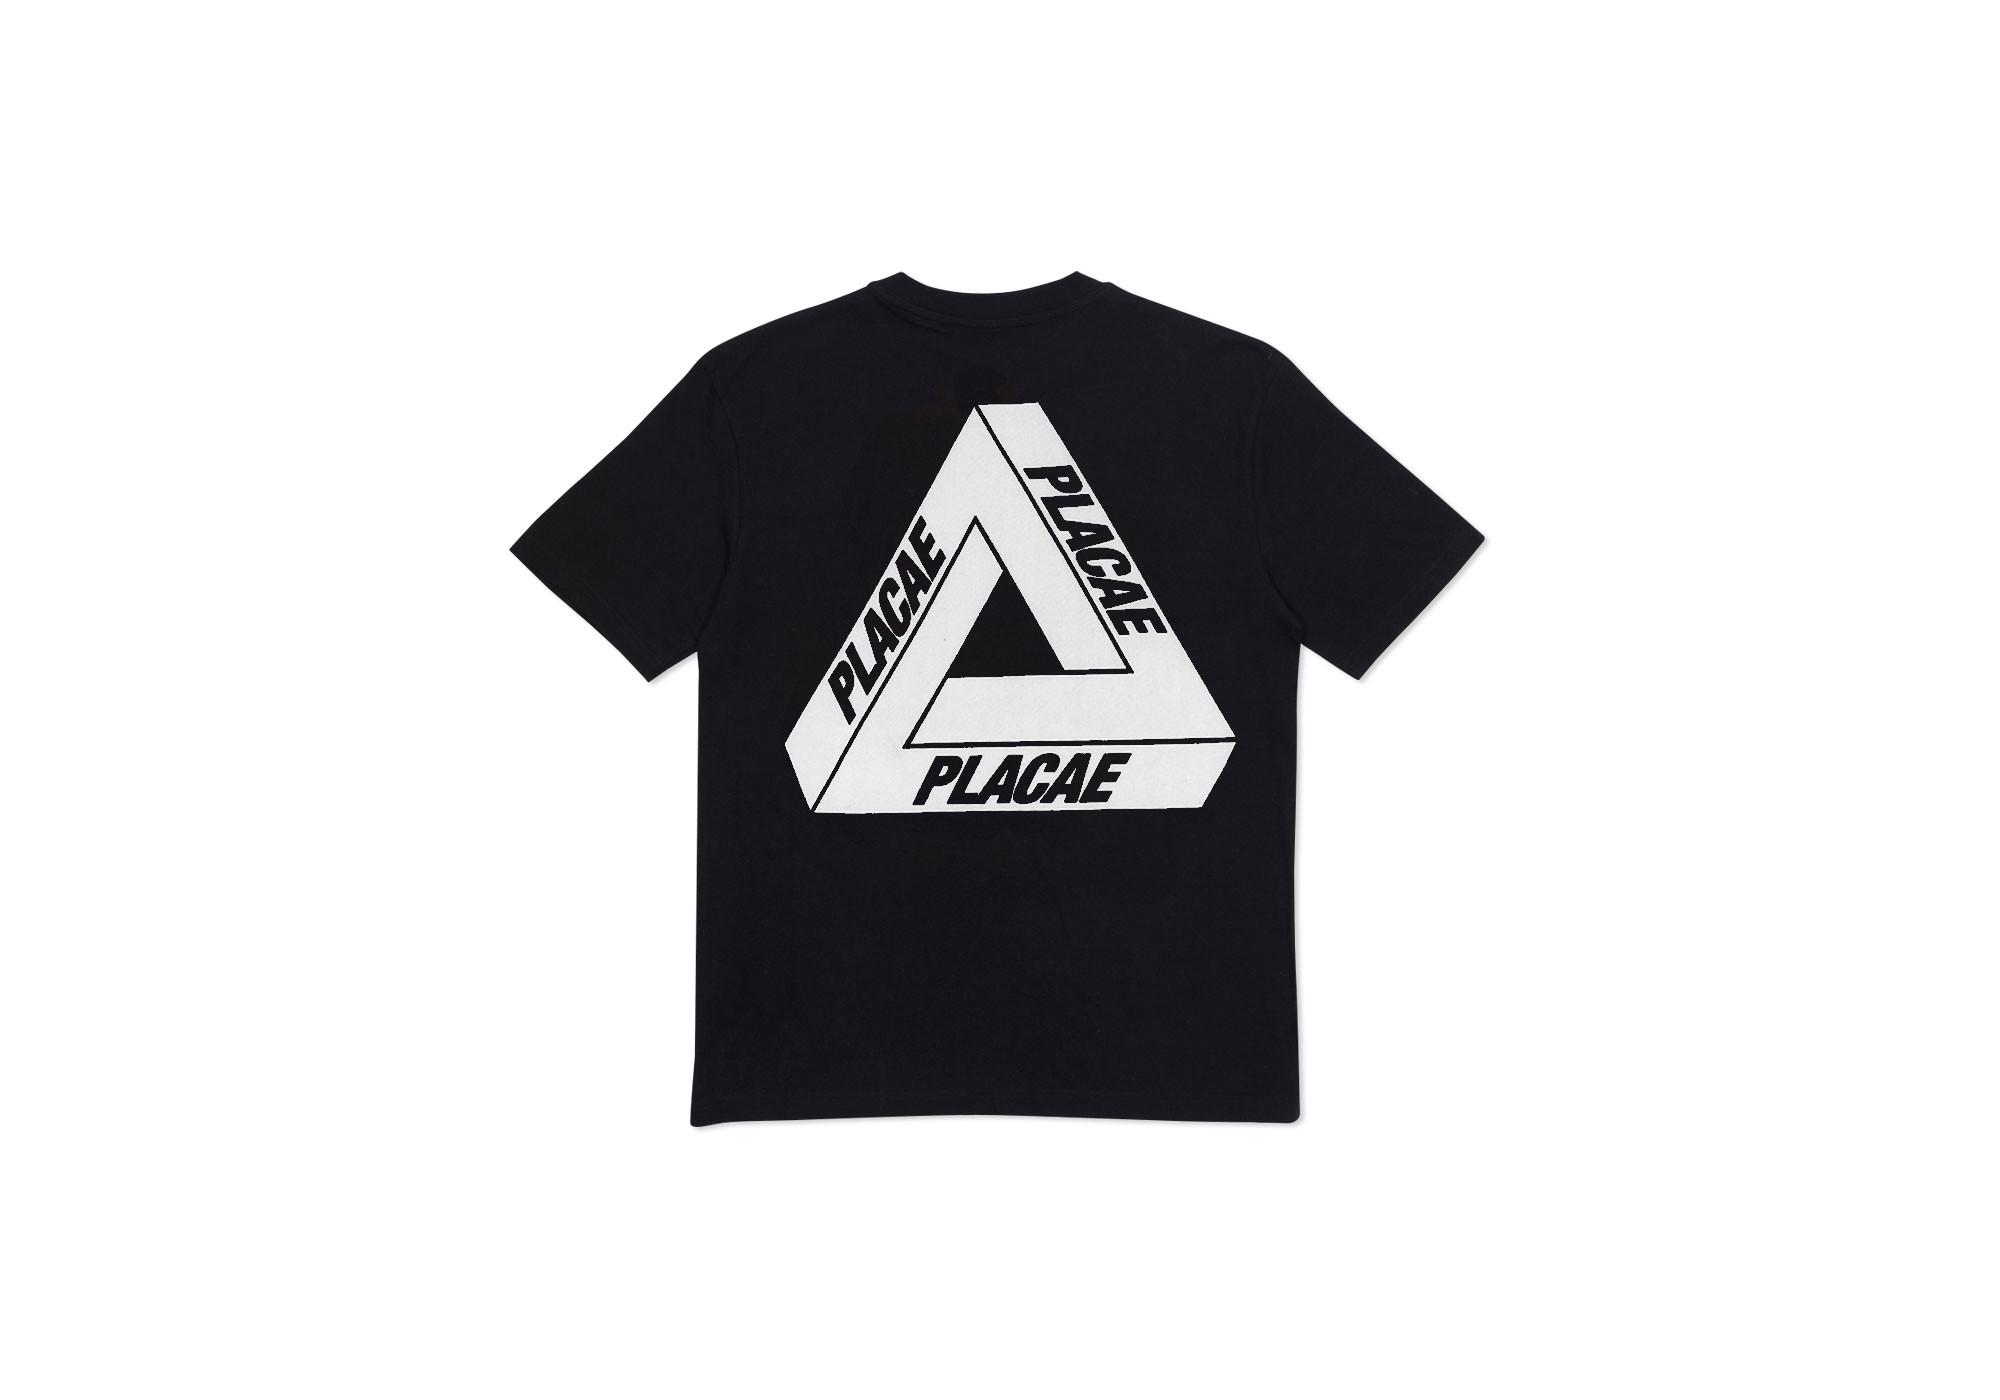 t恤 t恤 设计 矢量 矢量图 素材 衣服 2000_1400